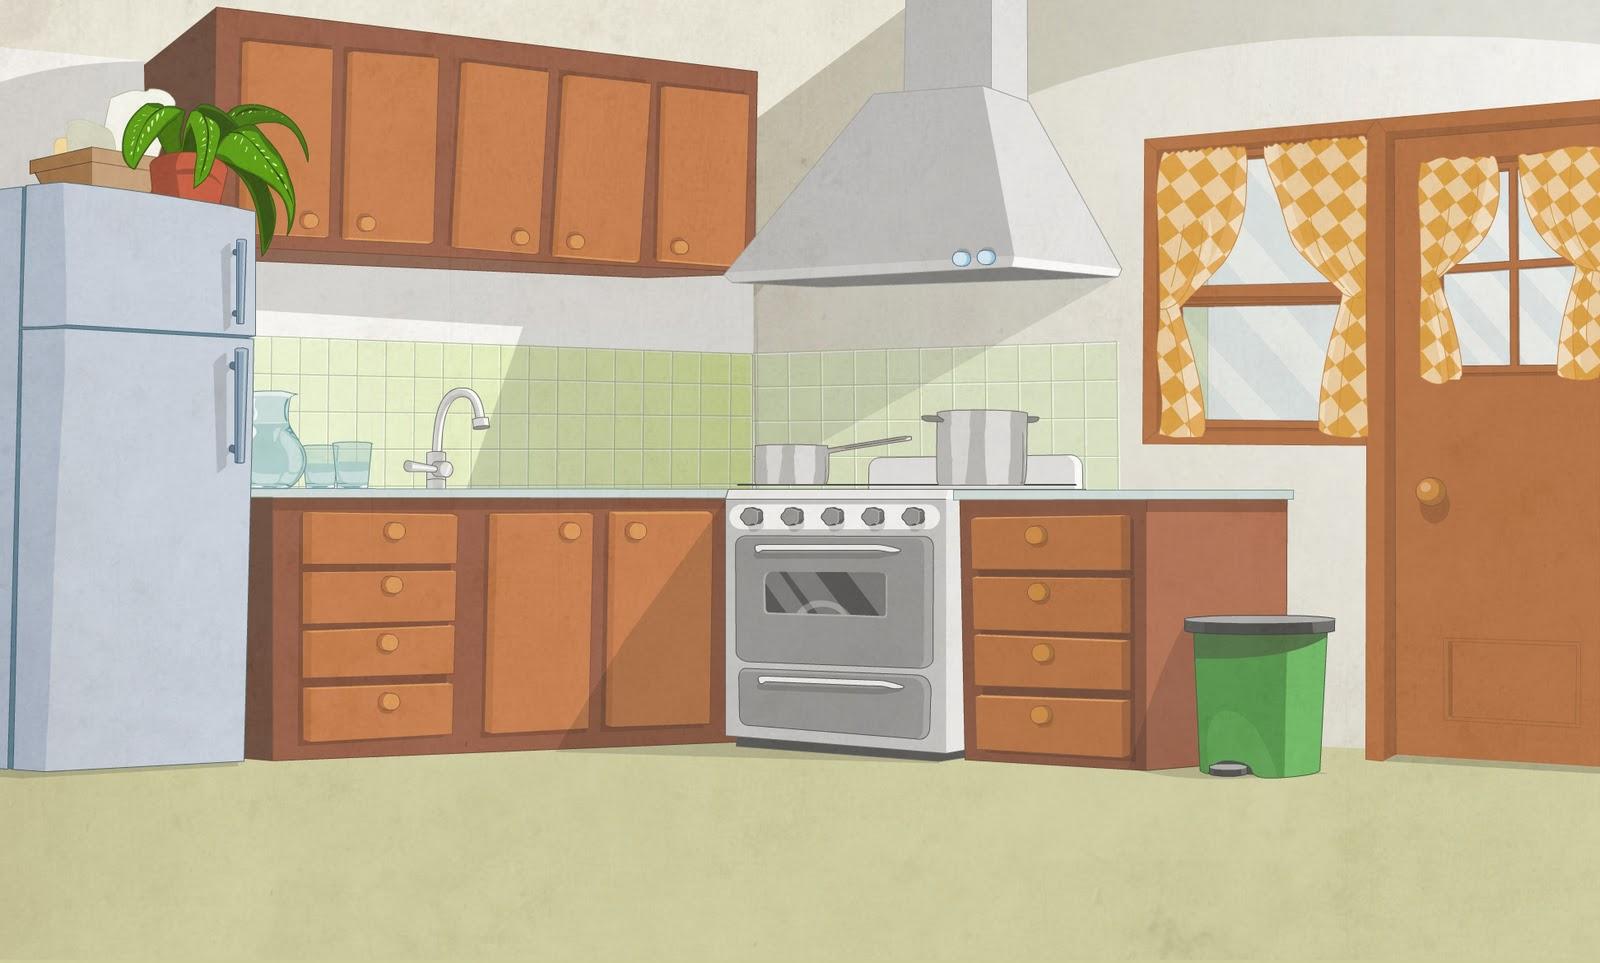 Mansilla ilustraciones fondos for Dibujos de cocina